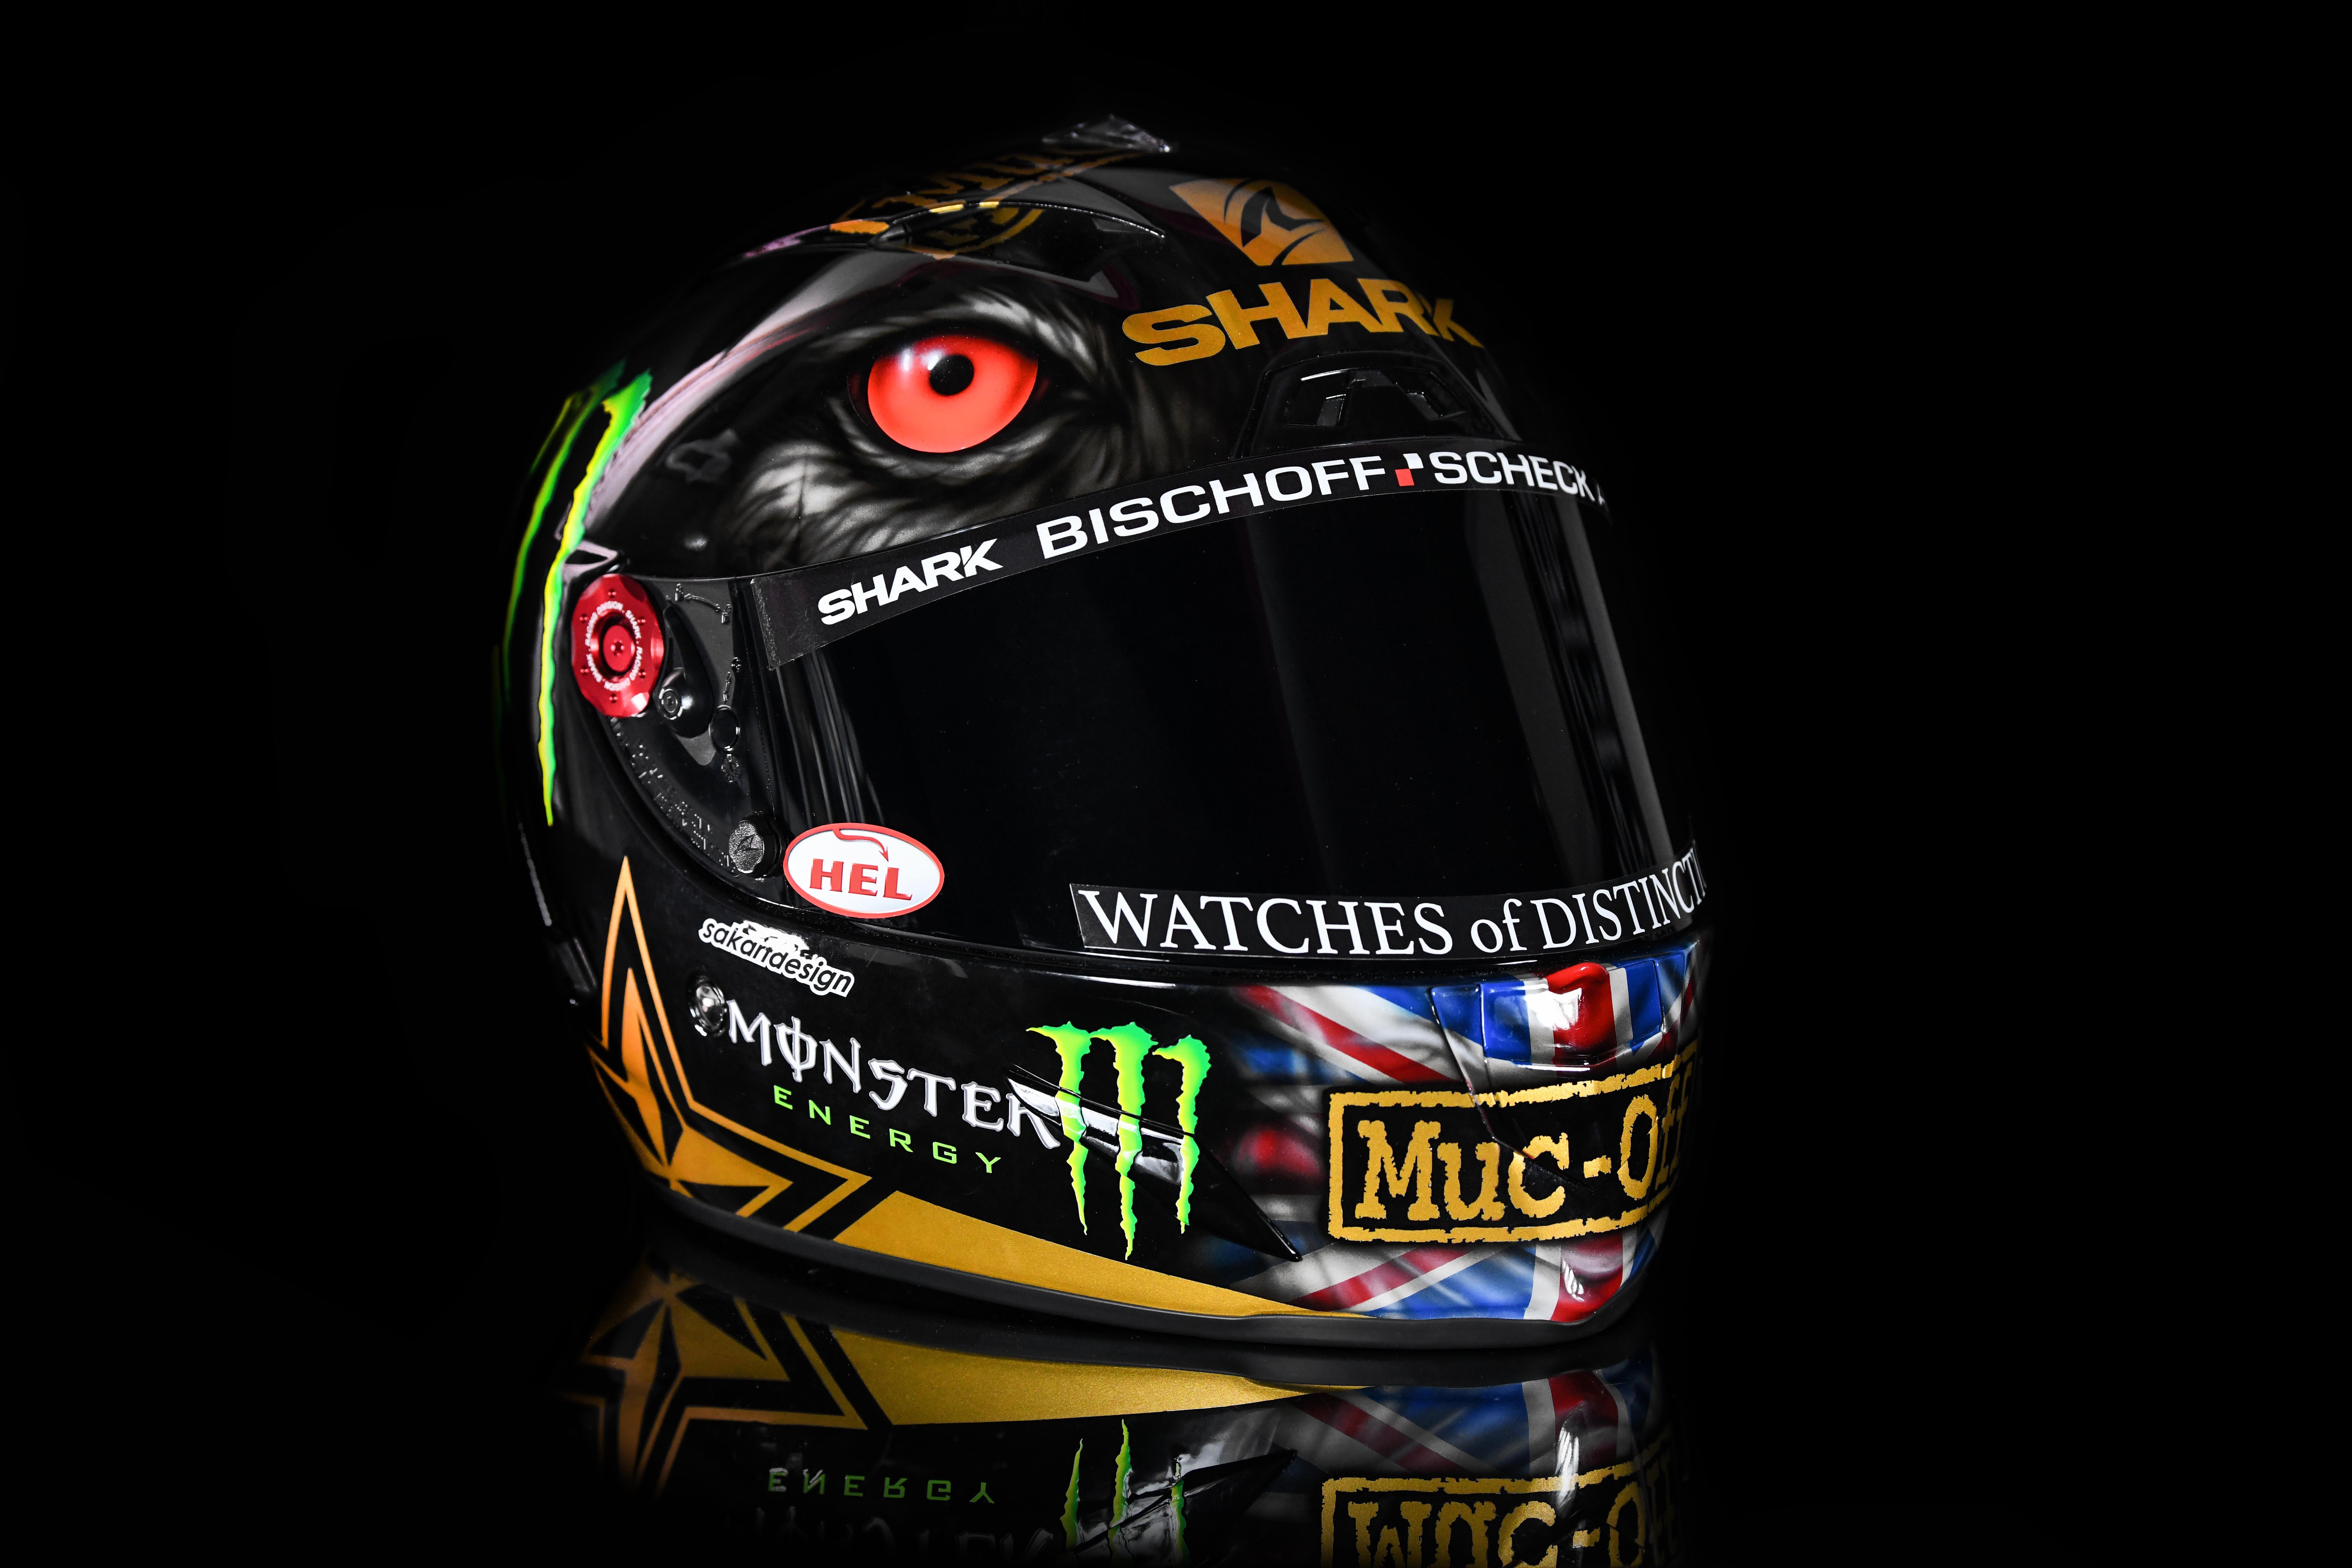 Scott Redding - Custom Helmet Image 1